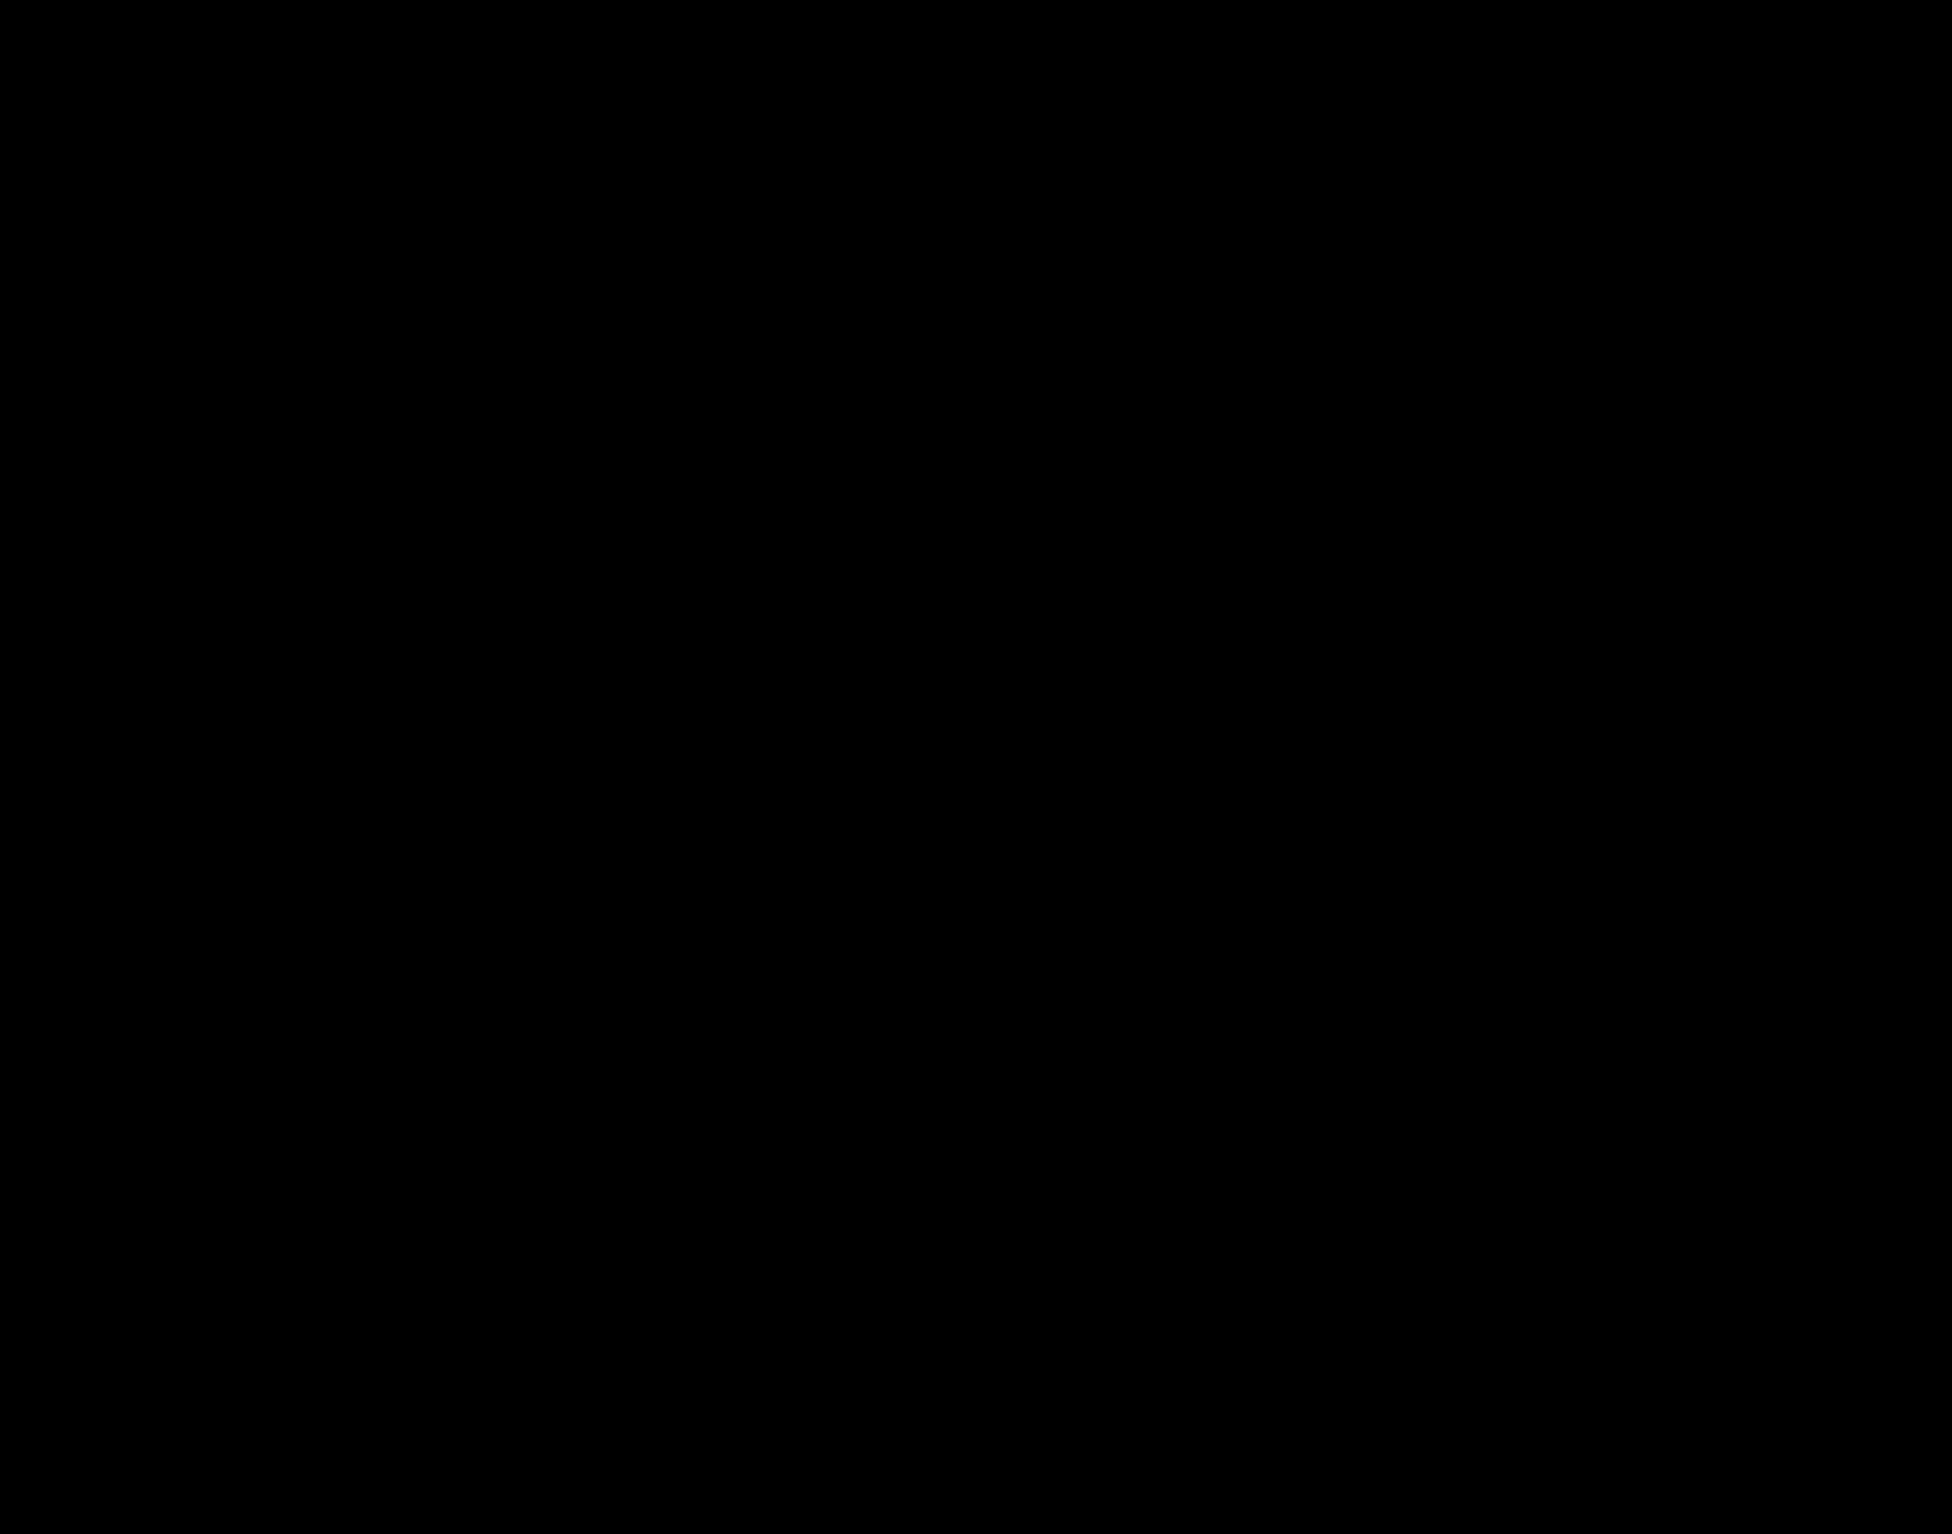 Dansylputrisciene-d<sub>8</sub>